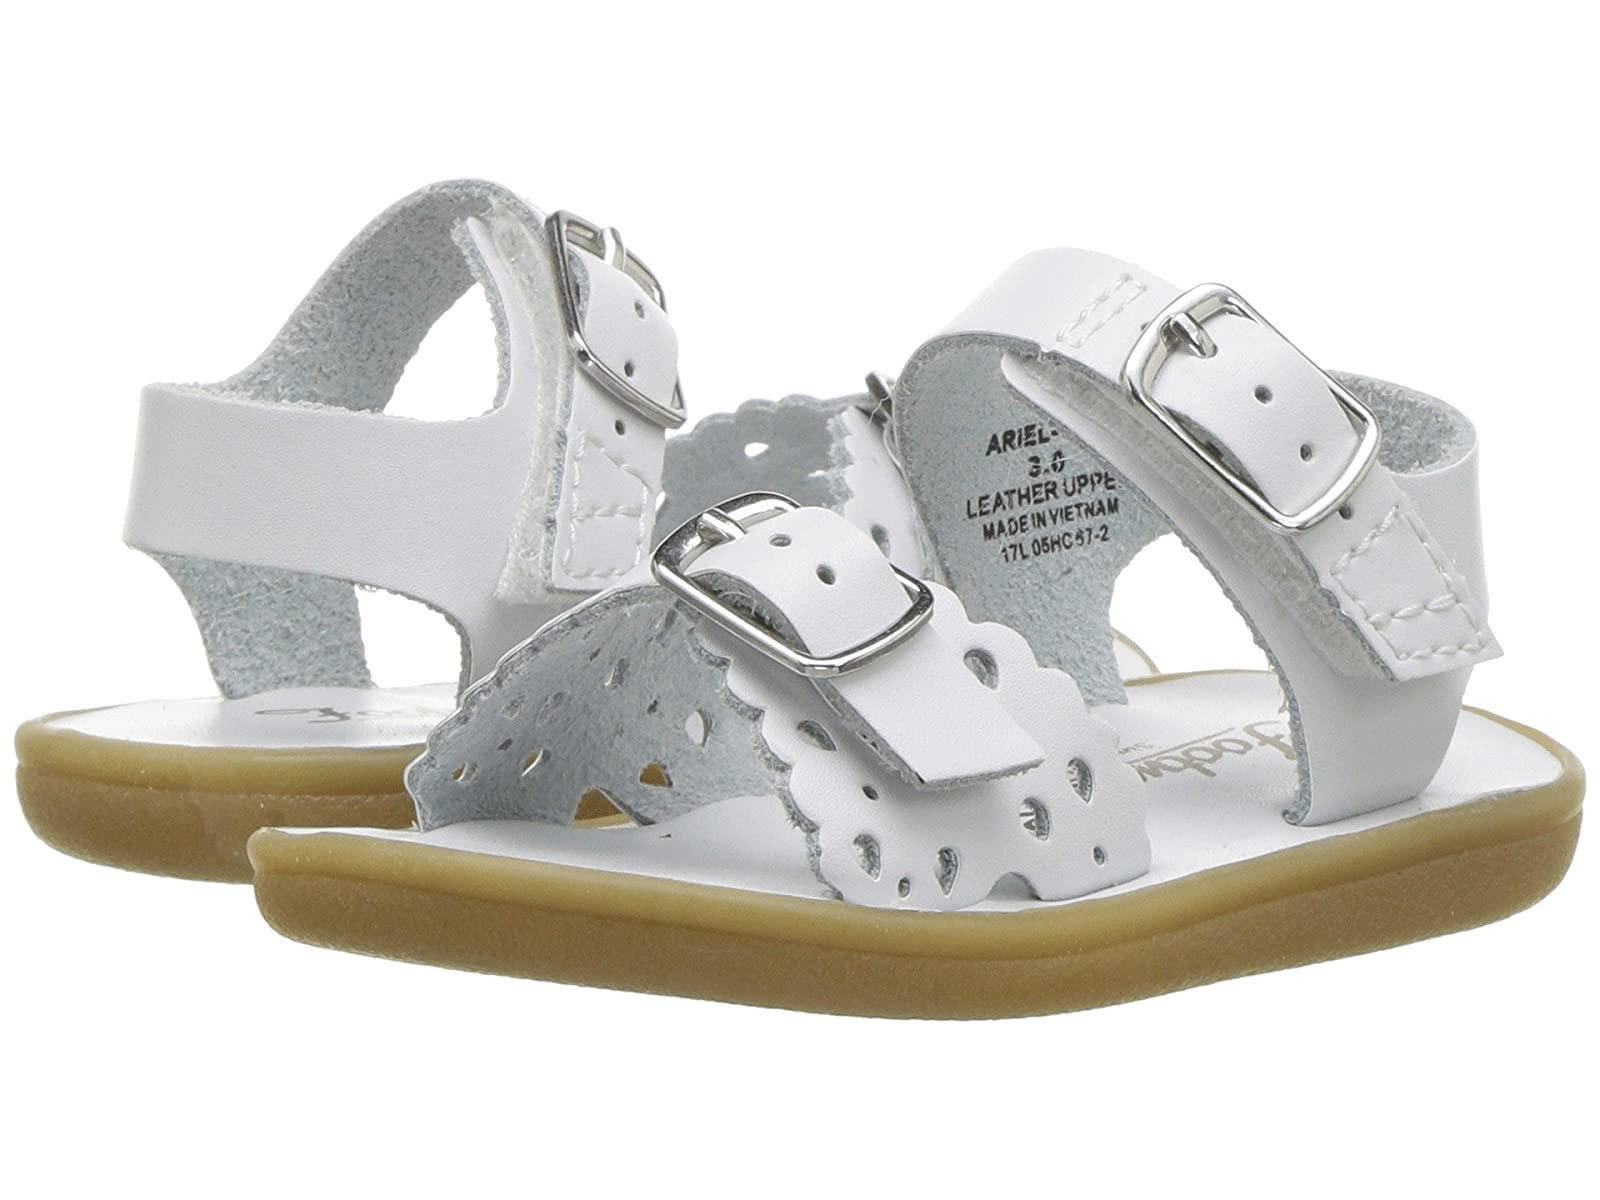 FootMates Ariel (Infant/Toddler/Little Kid)Atmospheric grades have affordable shoes